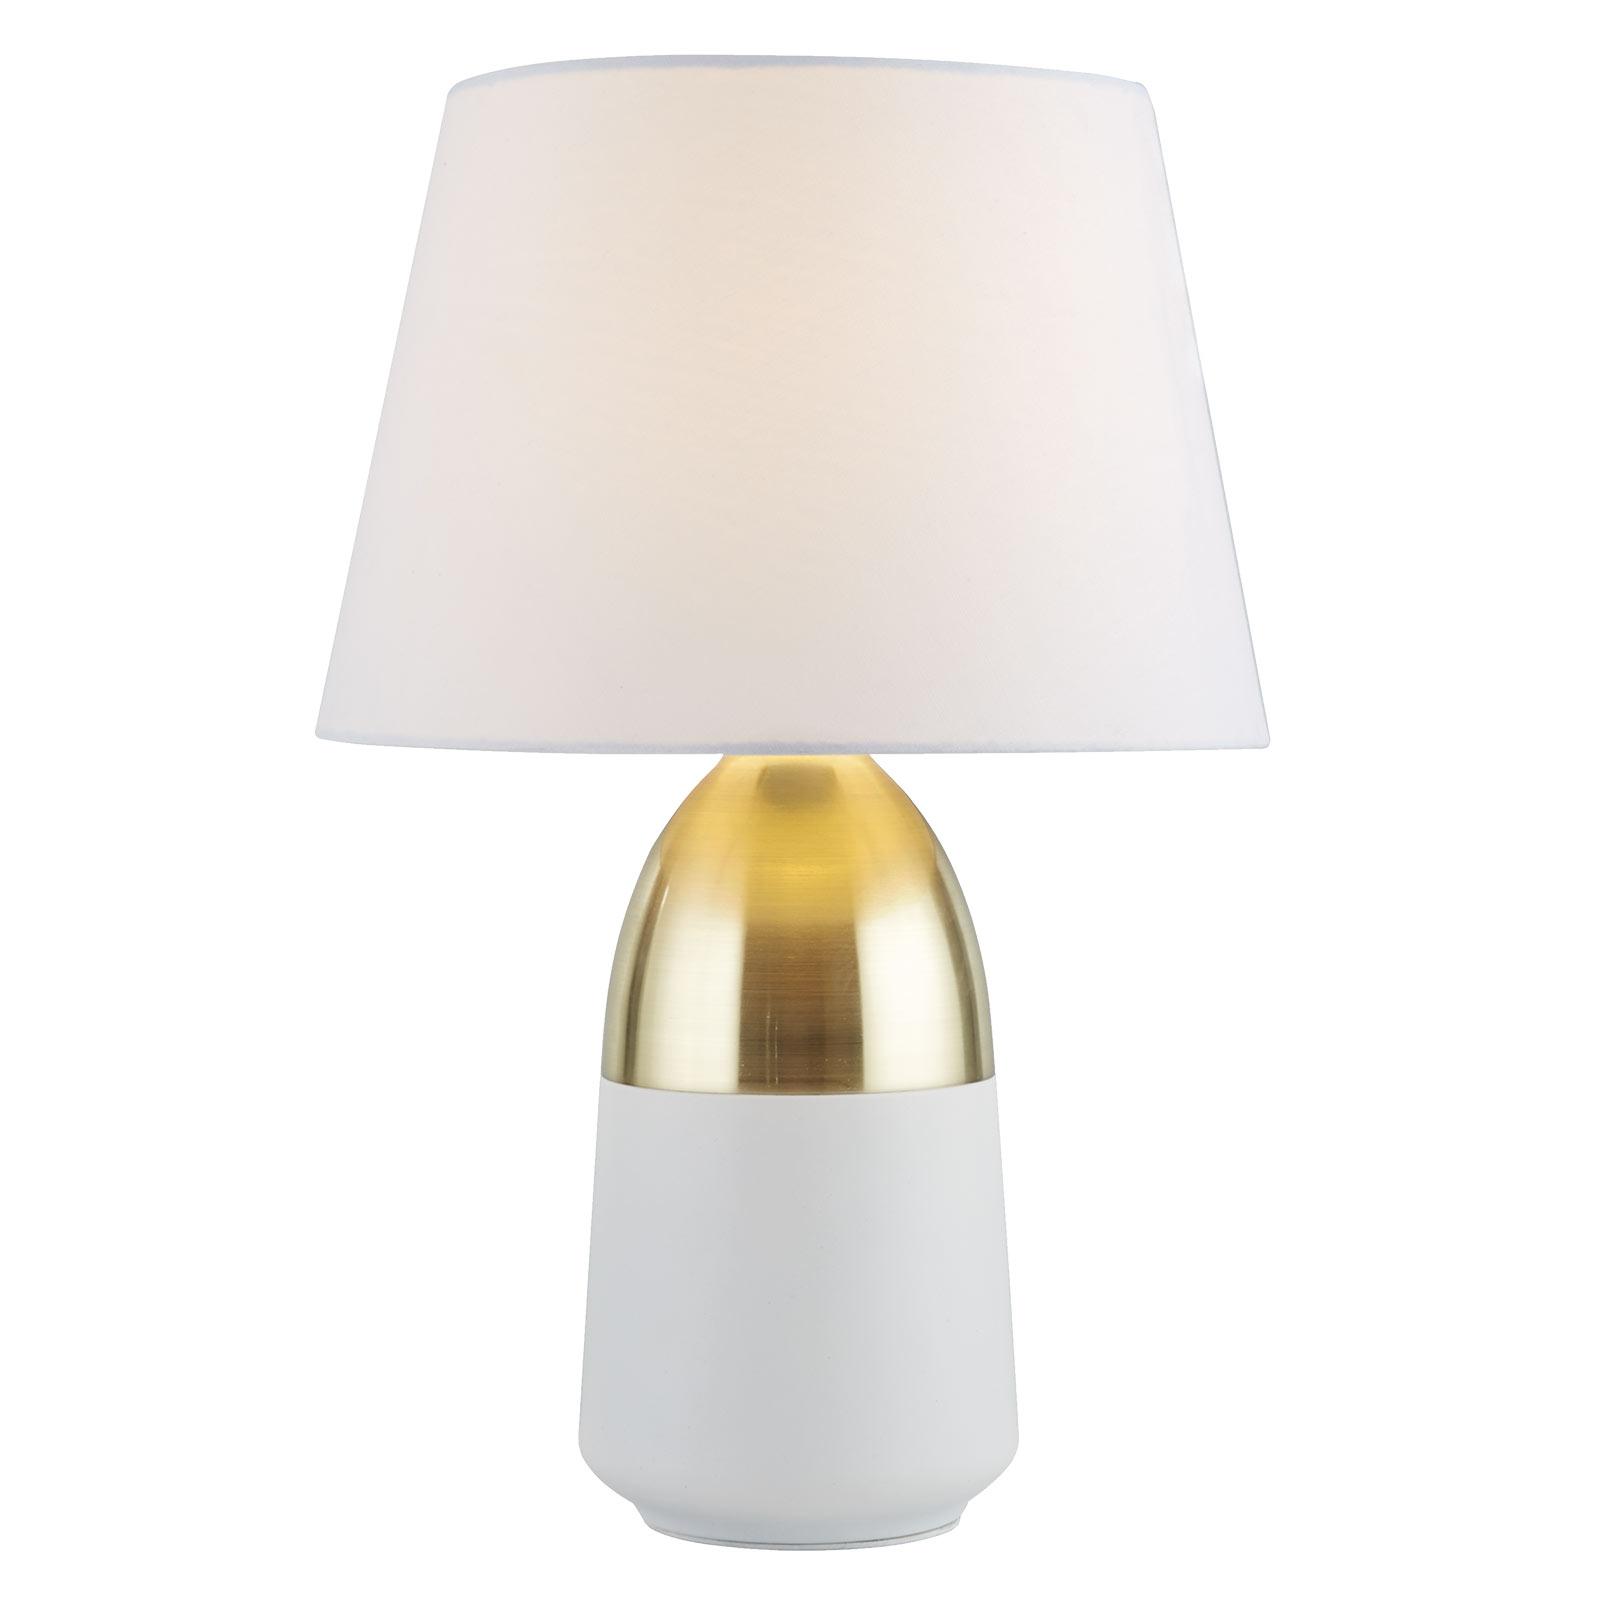 Lampa stołowa EU700340 szlachetna biel/mosiądz